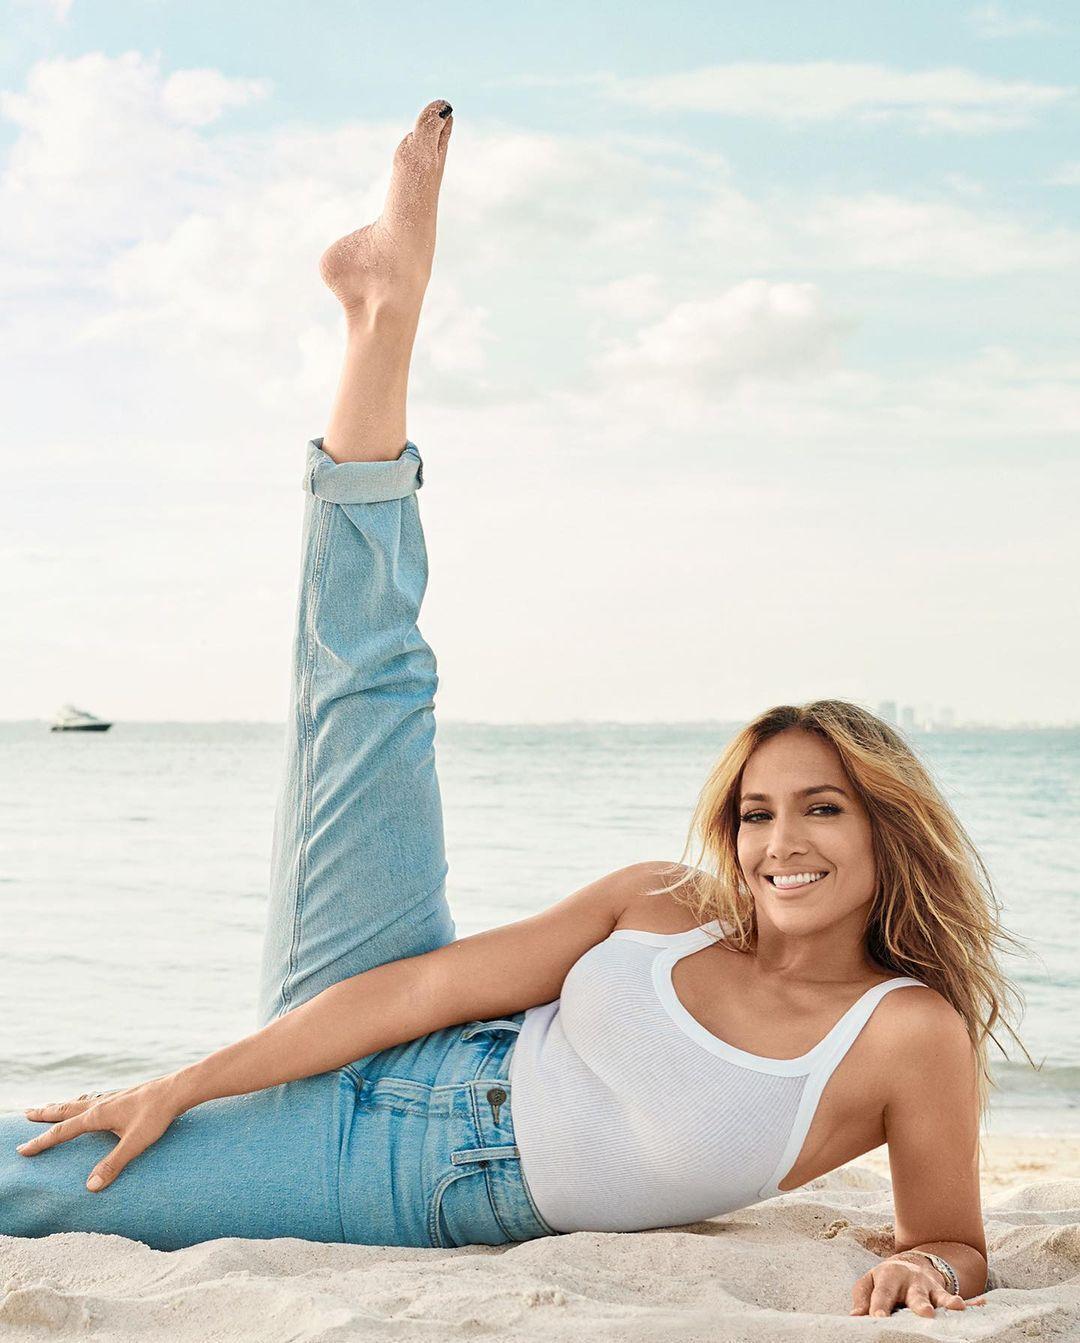 Лопес продемонстрировала образ в белой майке и классических голубых джинсах